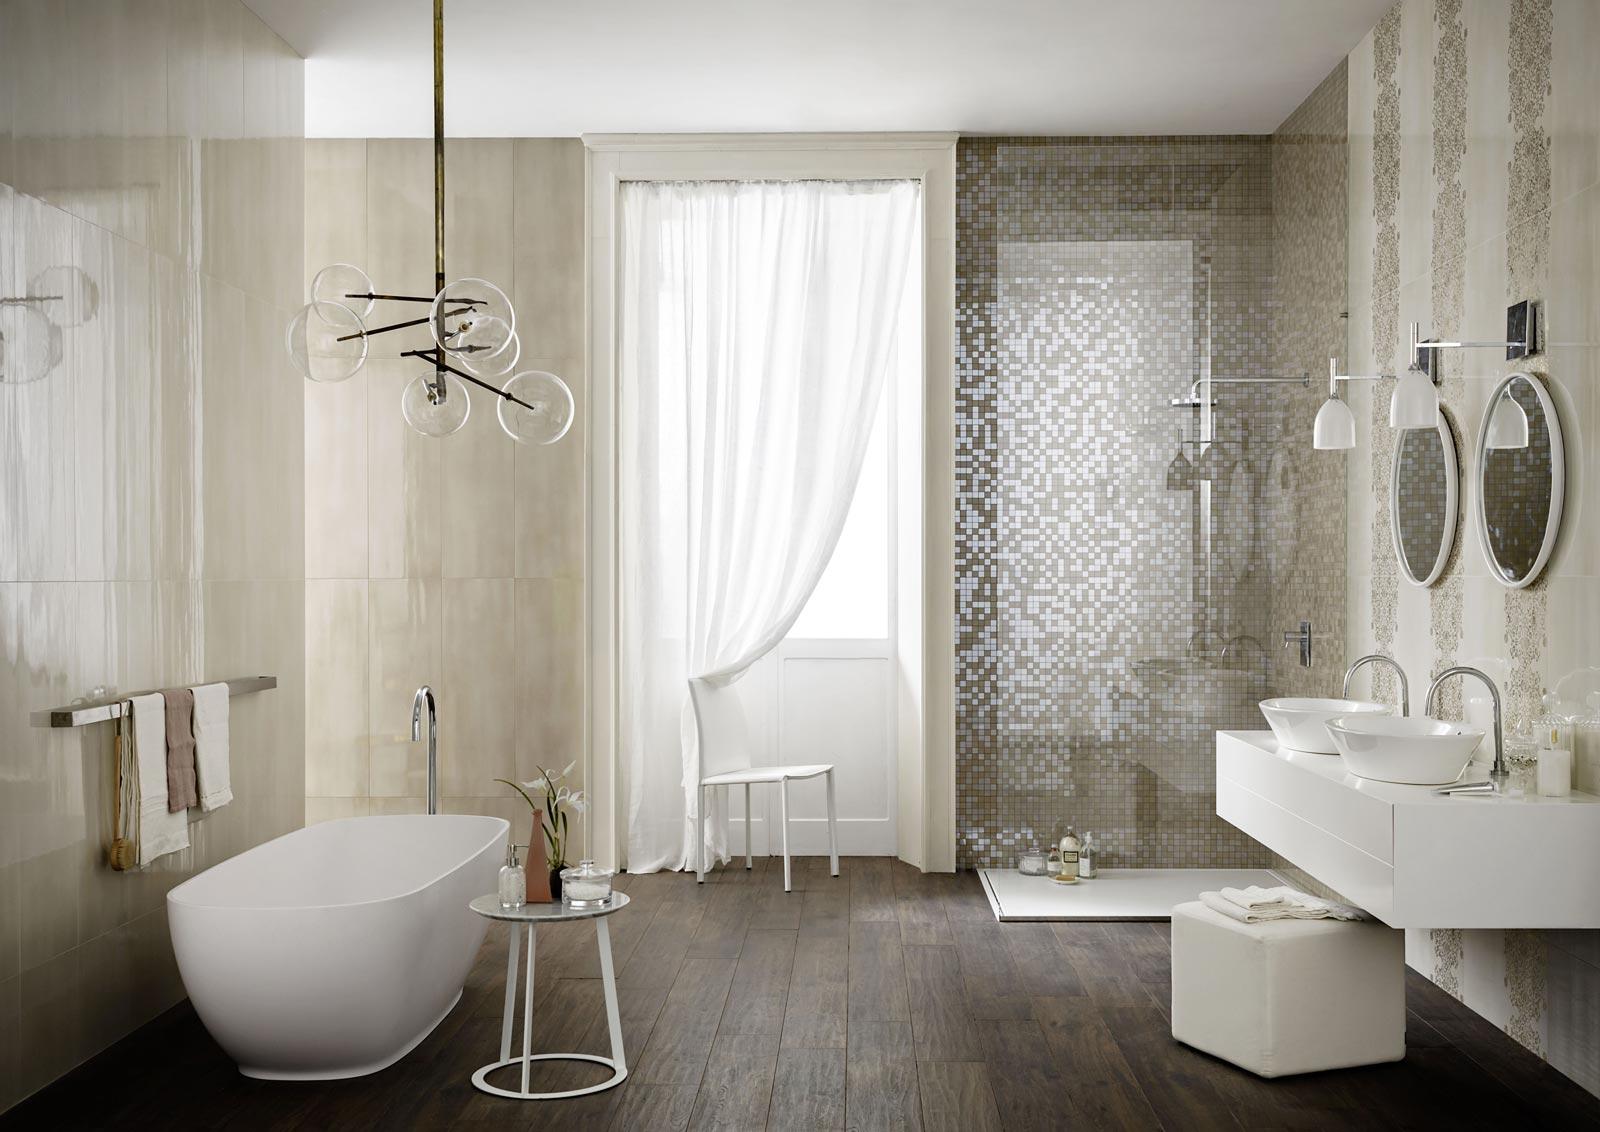 Imperfetto piastrelle bagno colorate marazzi for Marazzi bagno